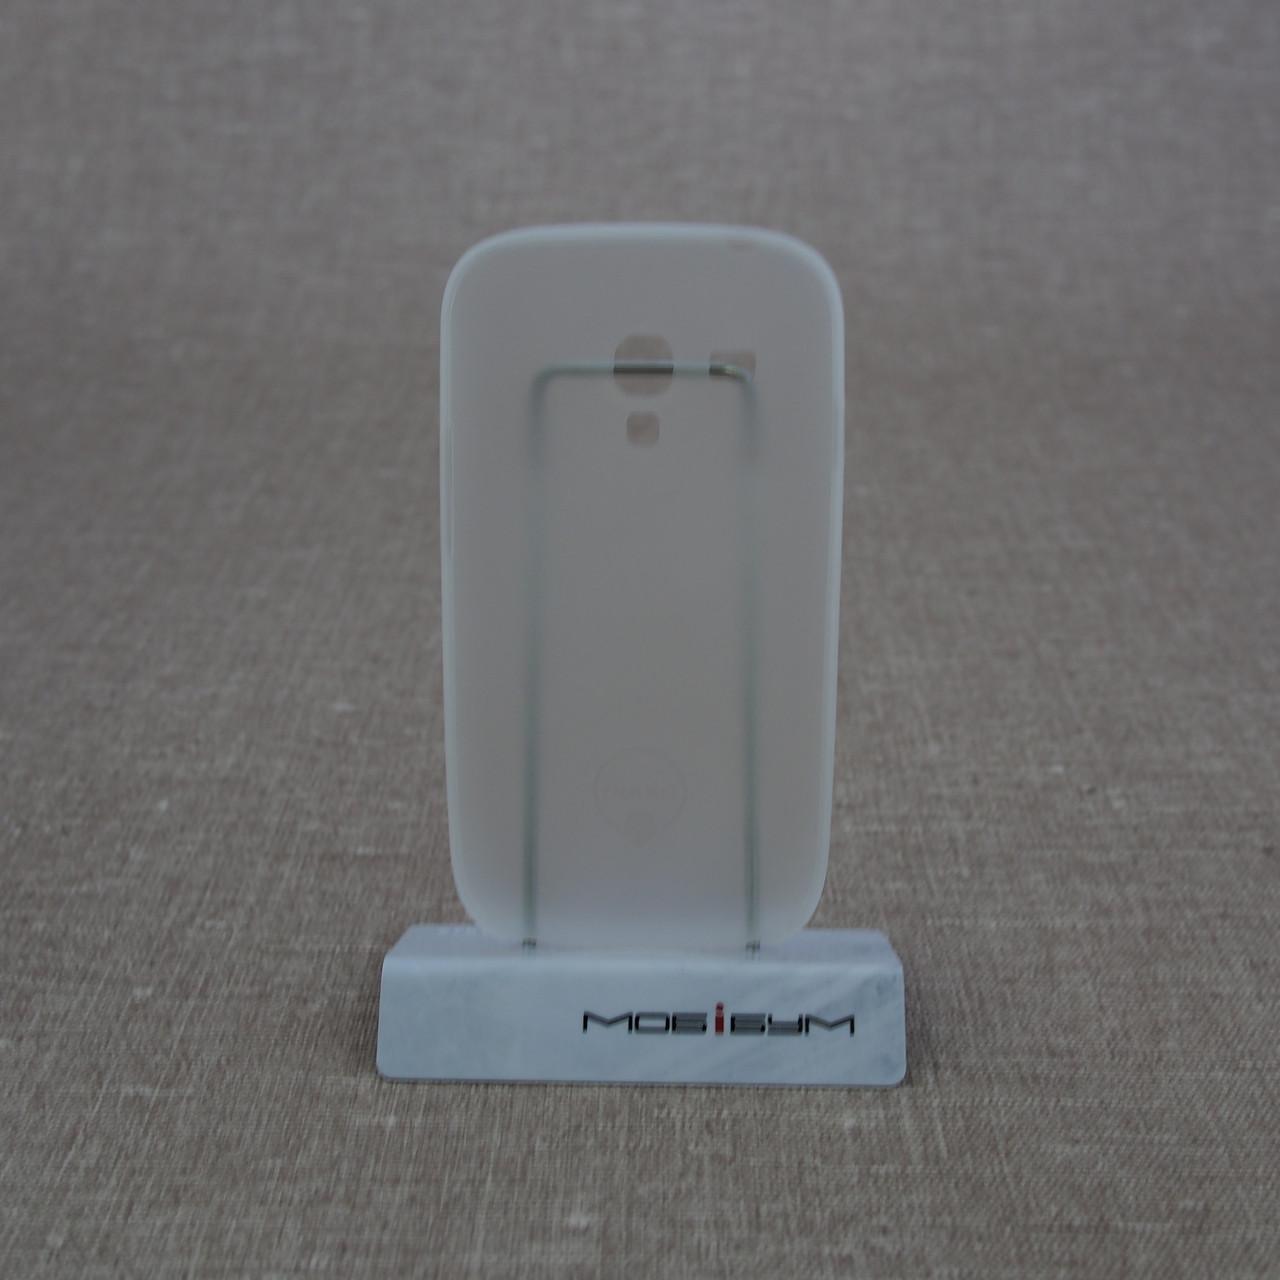 Чехол Ozaki O!Coat 0.4 Samsung Galaxy S3 mini [i8190] Jelly white [OC700TR] EAN/UPC: 4718971700015